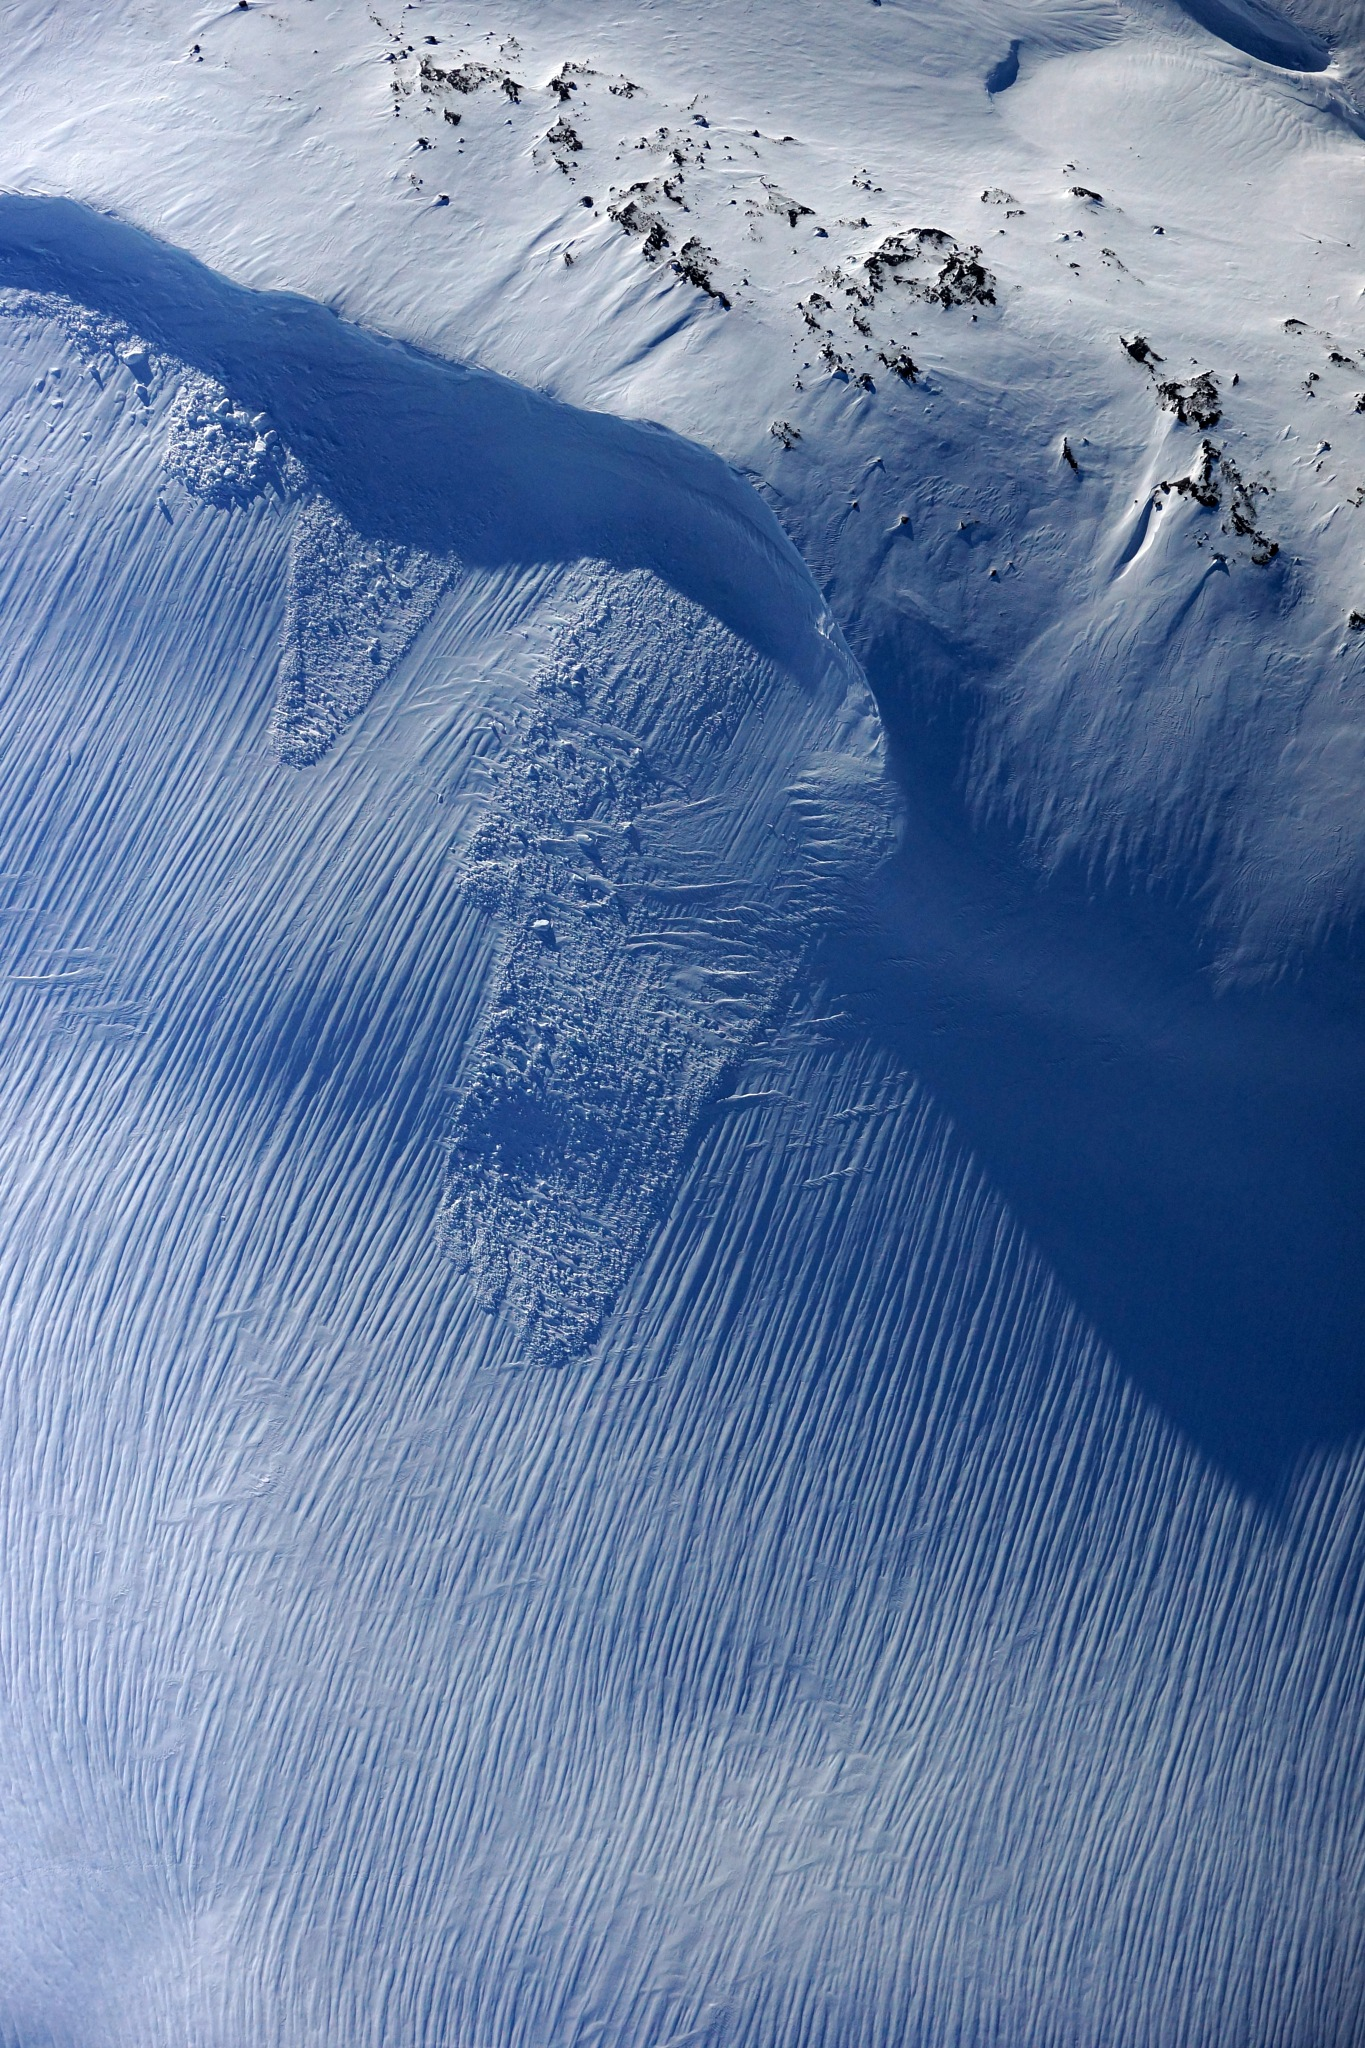 Hardangervidda, Norge by Lasse Tur